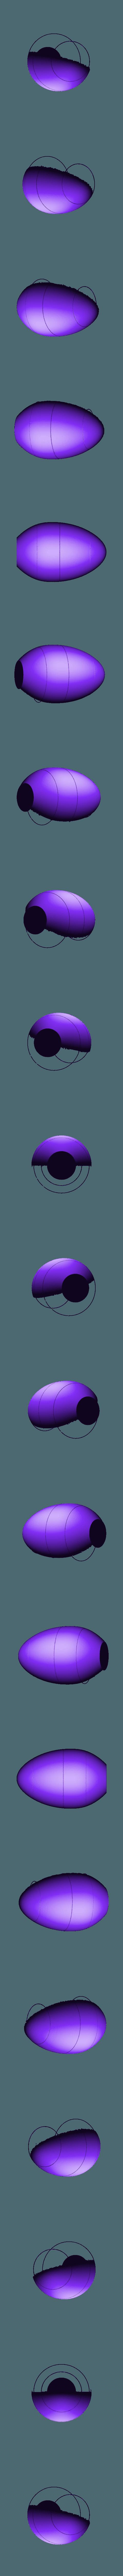 oeuf à peindre 11.stl Download STL file eggs to decorate 3dgregor • 3D printer model, 3dgregor